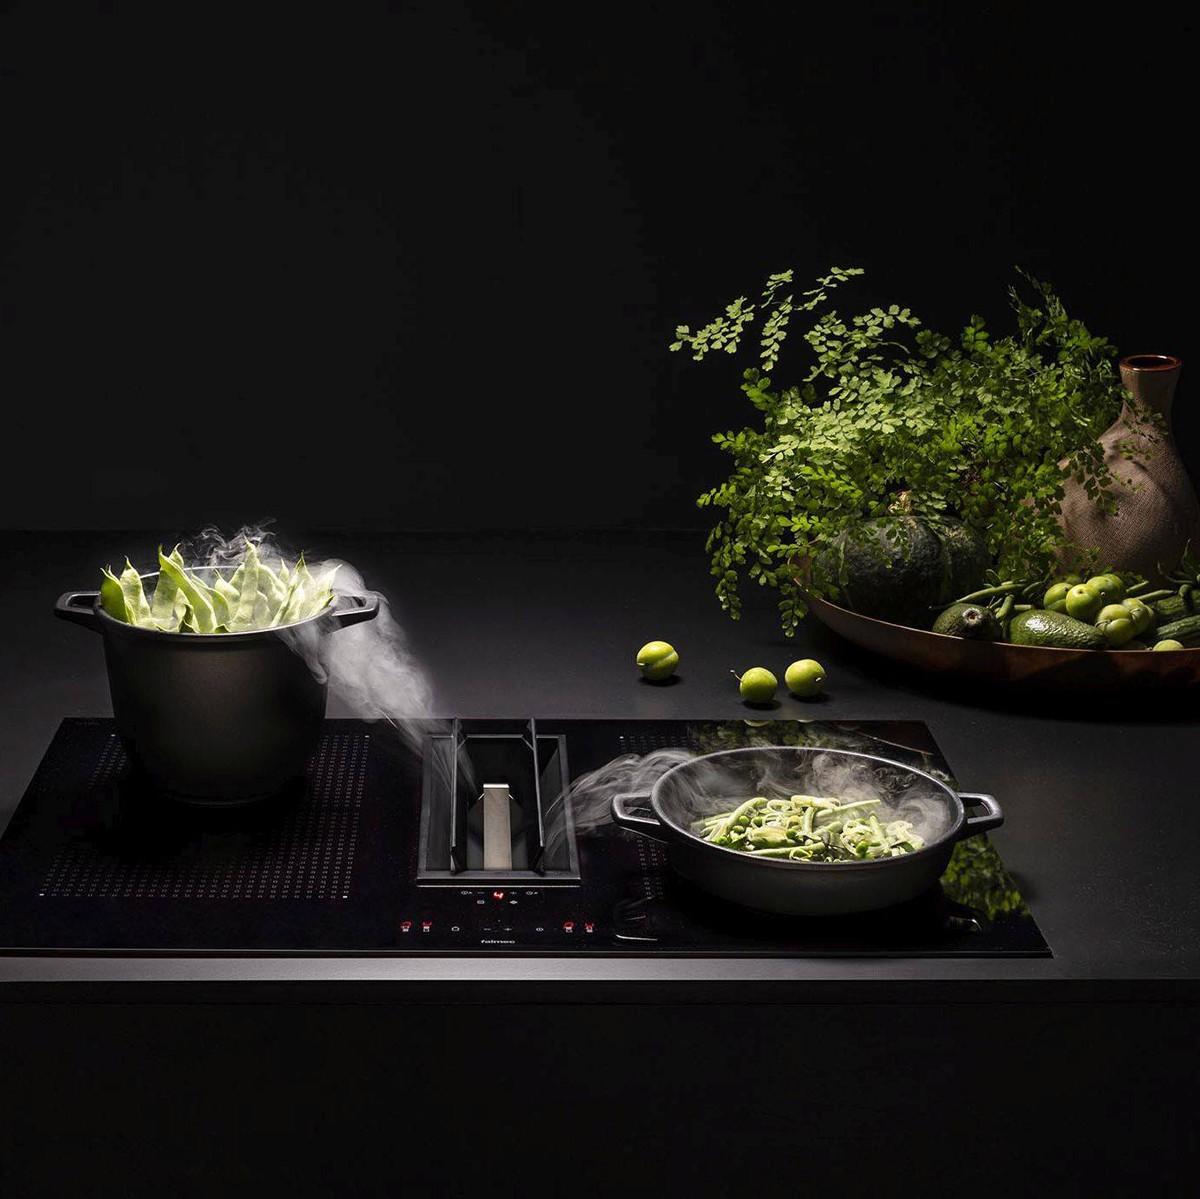 Zelari_cocinas-premium_Kitchen-hoods_campanas_extracción-en-superficie